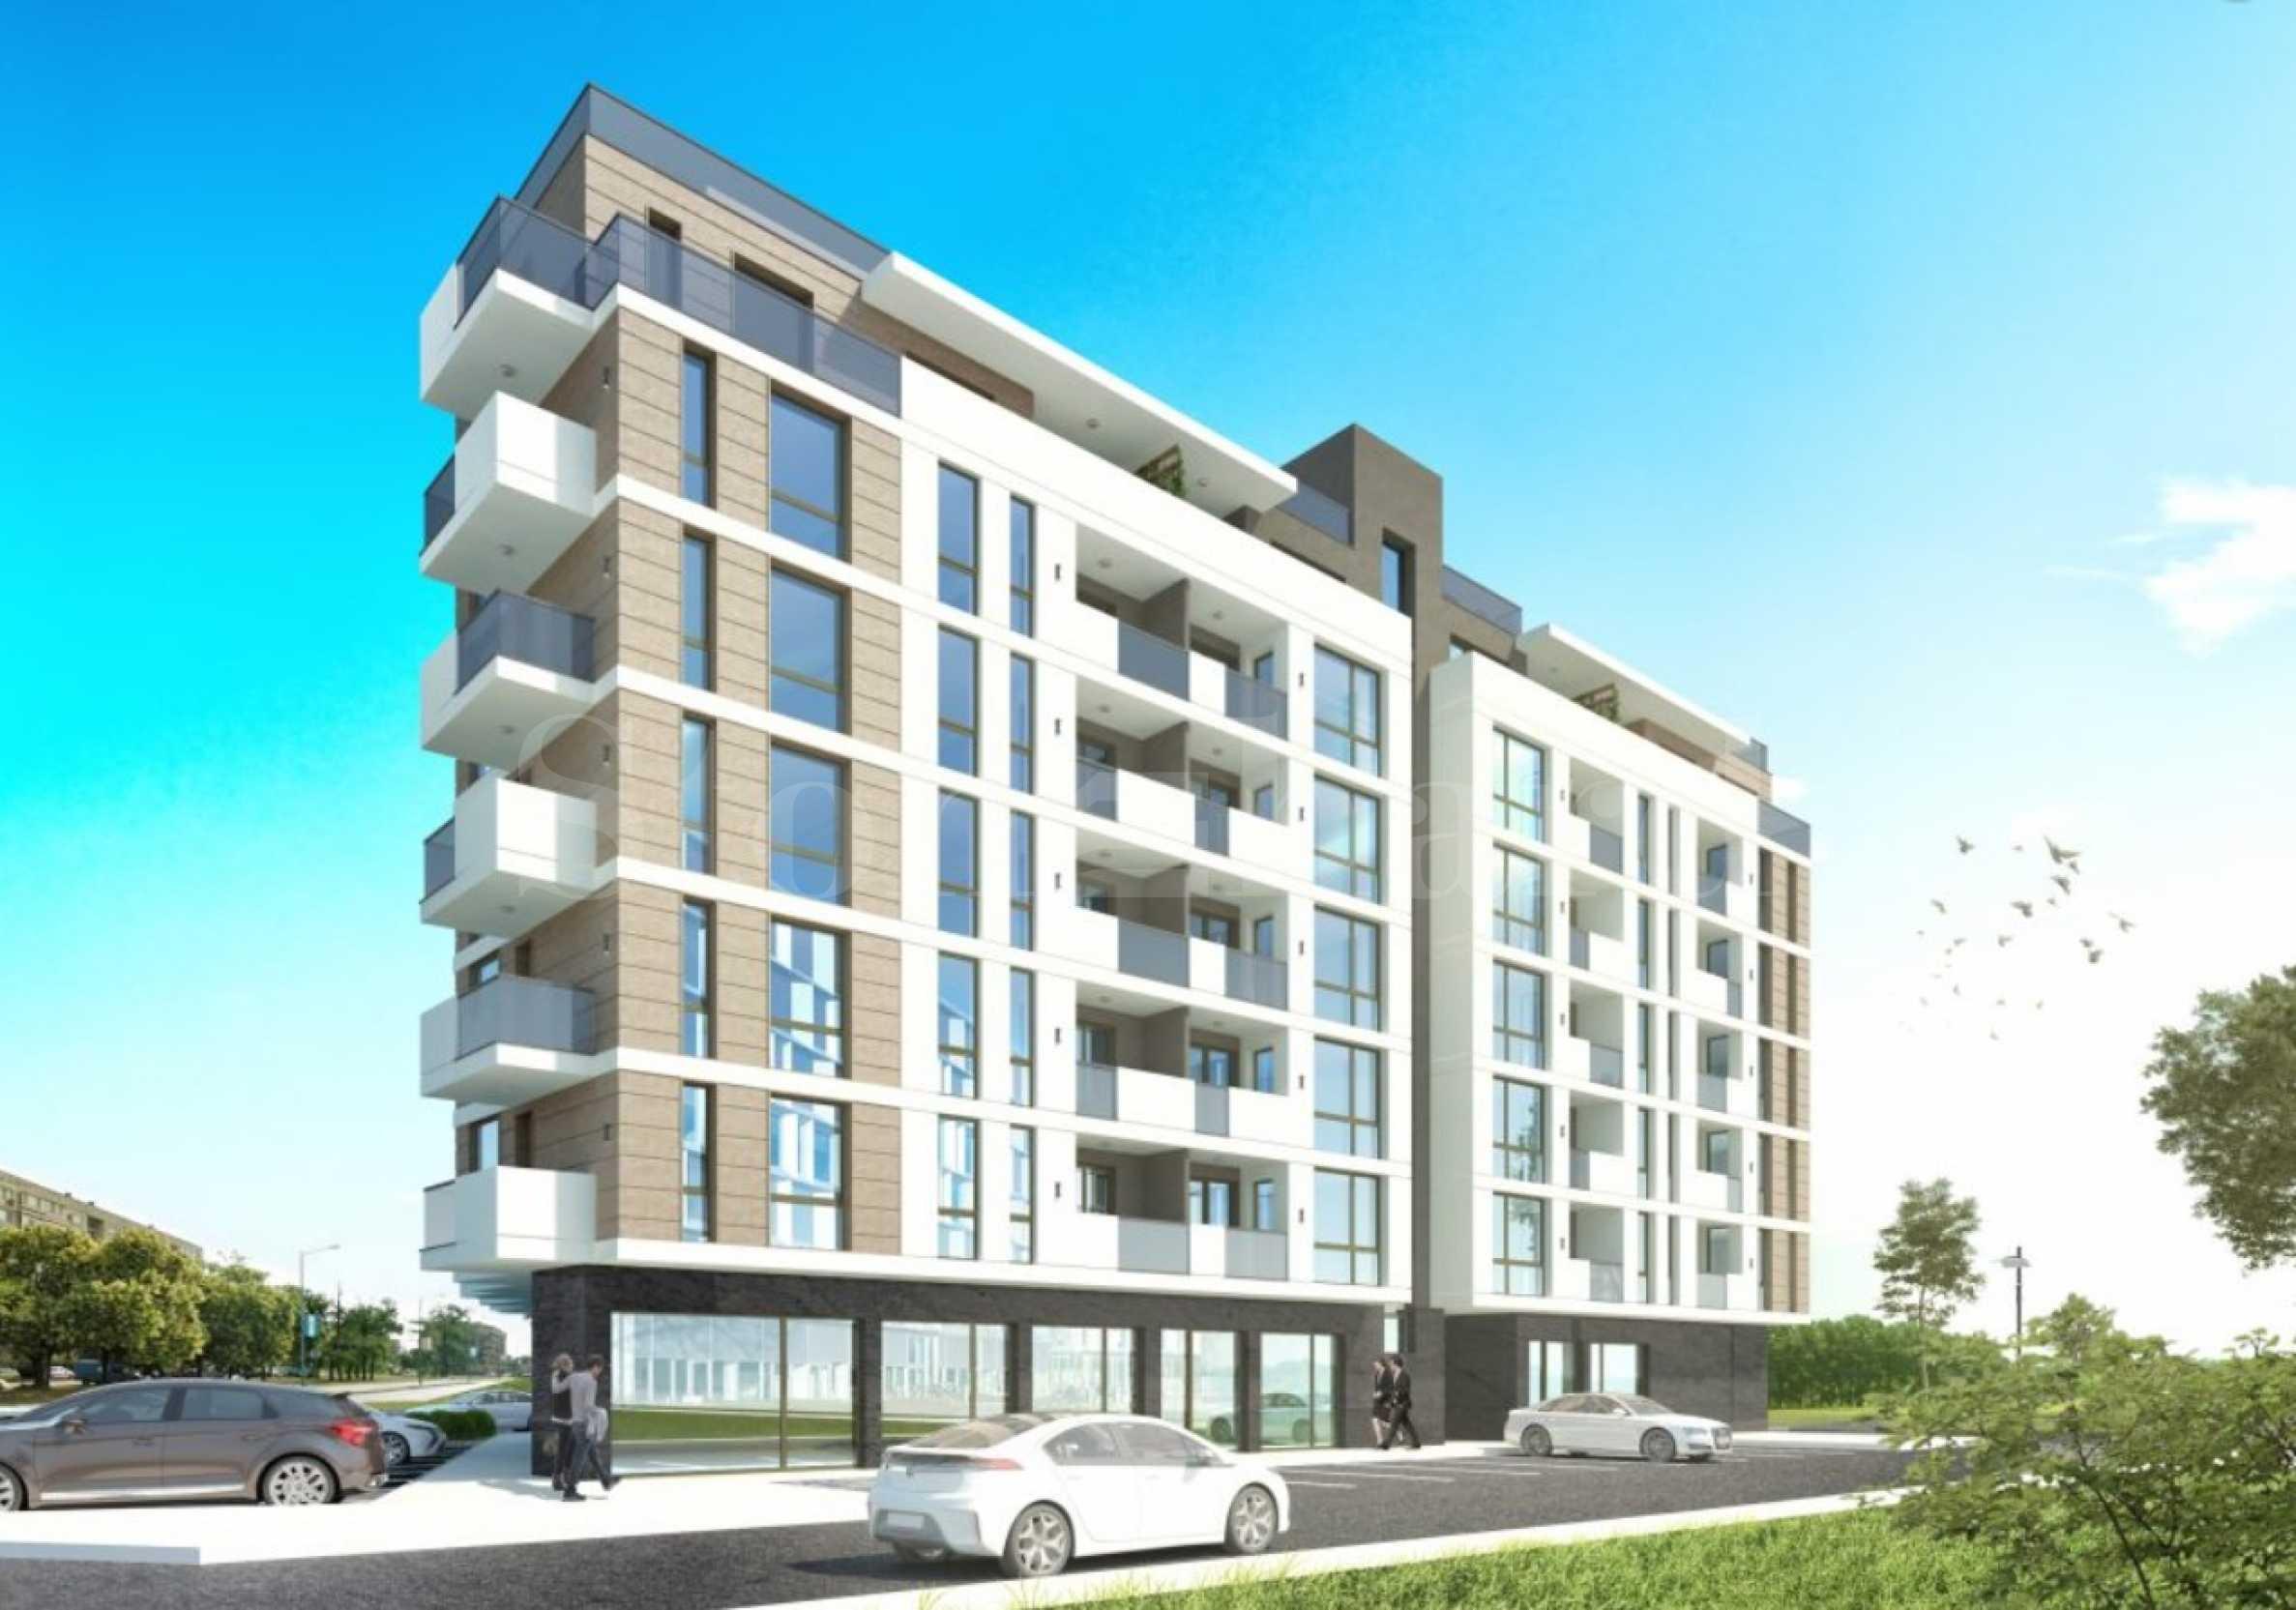 Нови апартаменти на цени от 540 евро/кв.м в спокоен квартал2 - Stonehard